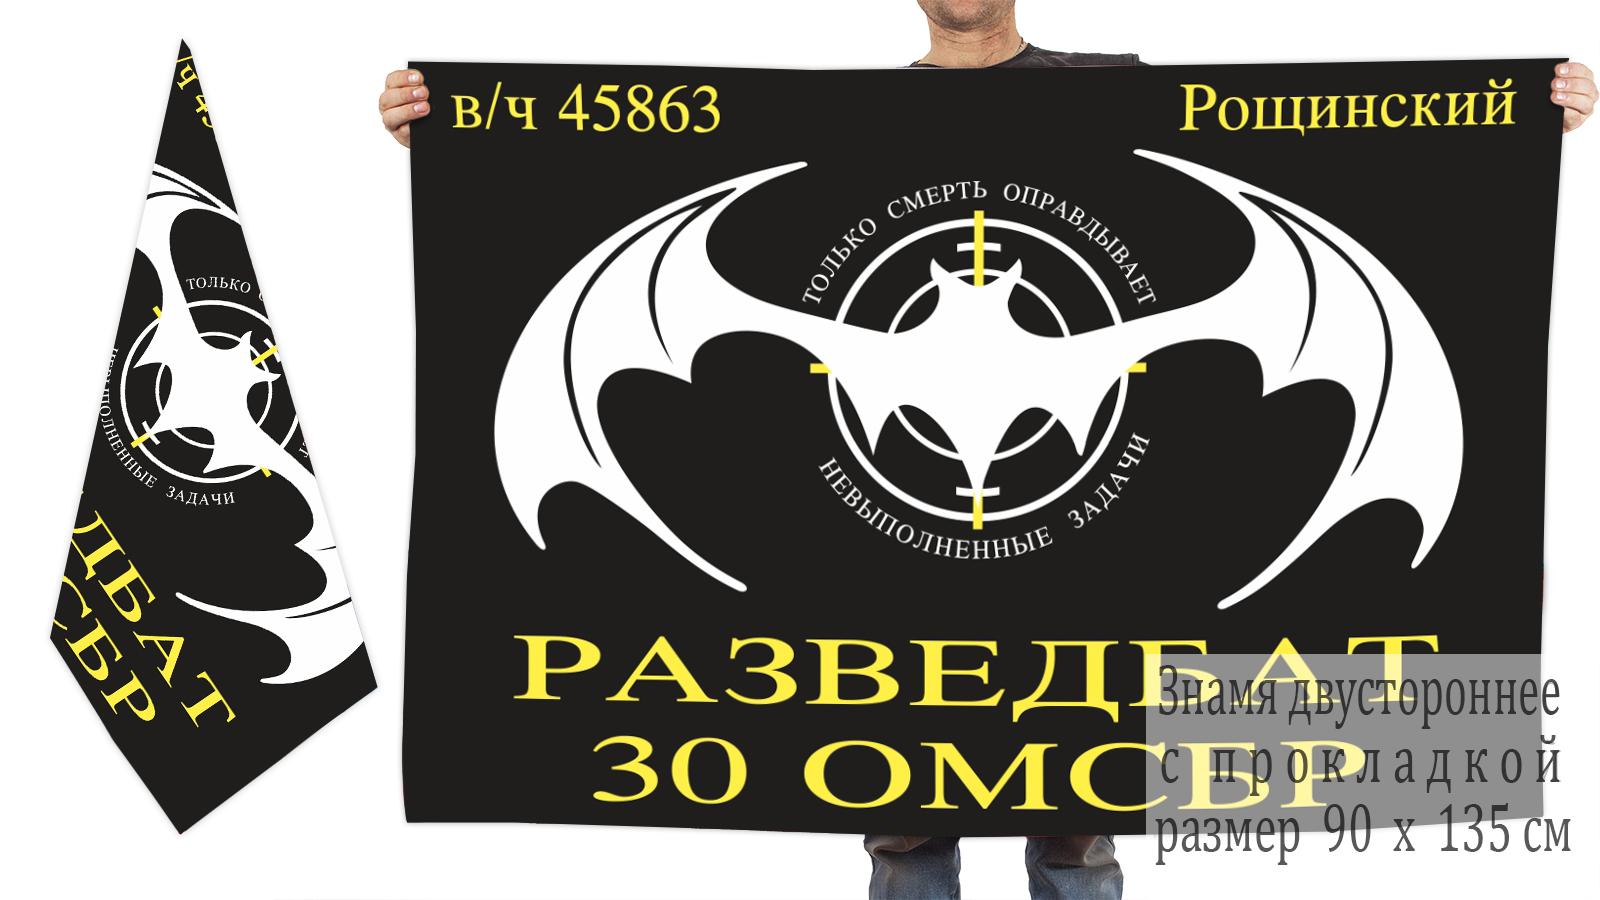 Двусторонний флаг Разведбата 30 ОМСБр